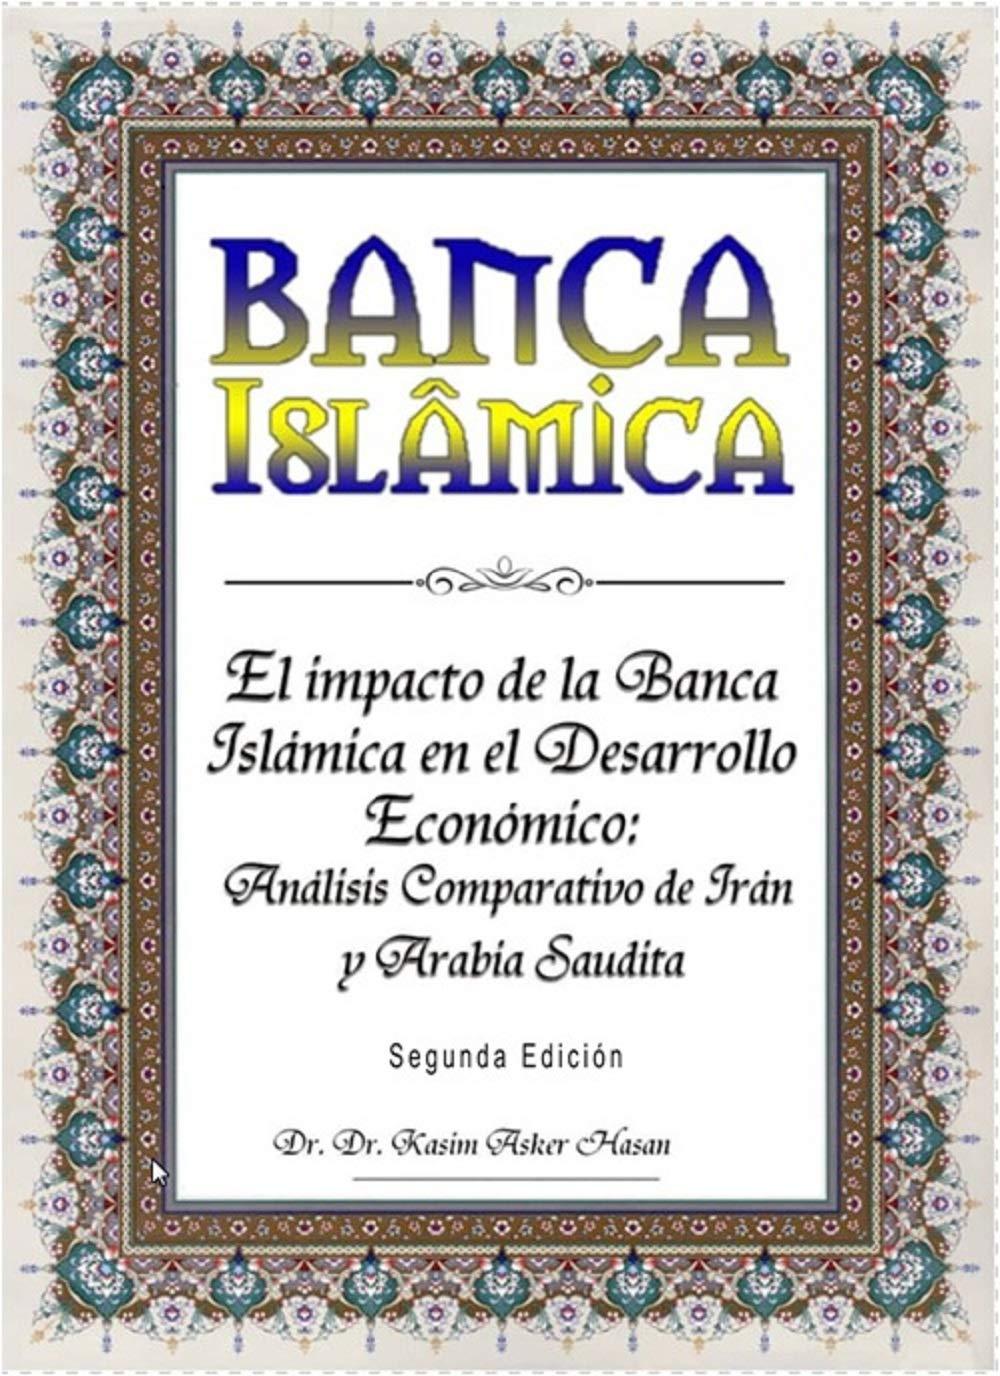 BANCA ISLÁMICA Segunda Edición: IMPACTO DE LA BANCA ISLÁMICA EN EL DESARROLLO ECONÓMICO - ANÁLISIS COMPARATIVO DE IRÁN Y ARABIA SAUDITA (Spanish Edition)